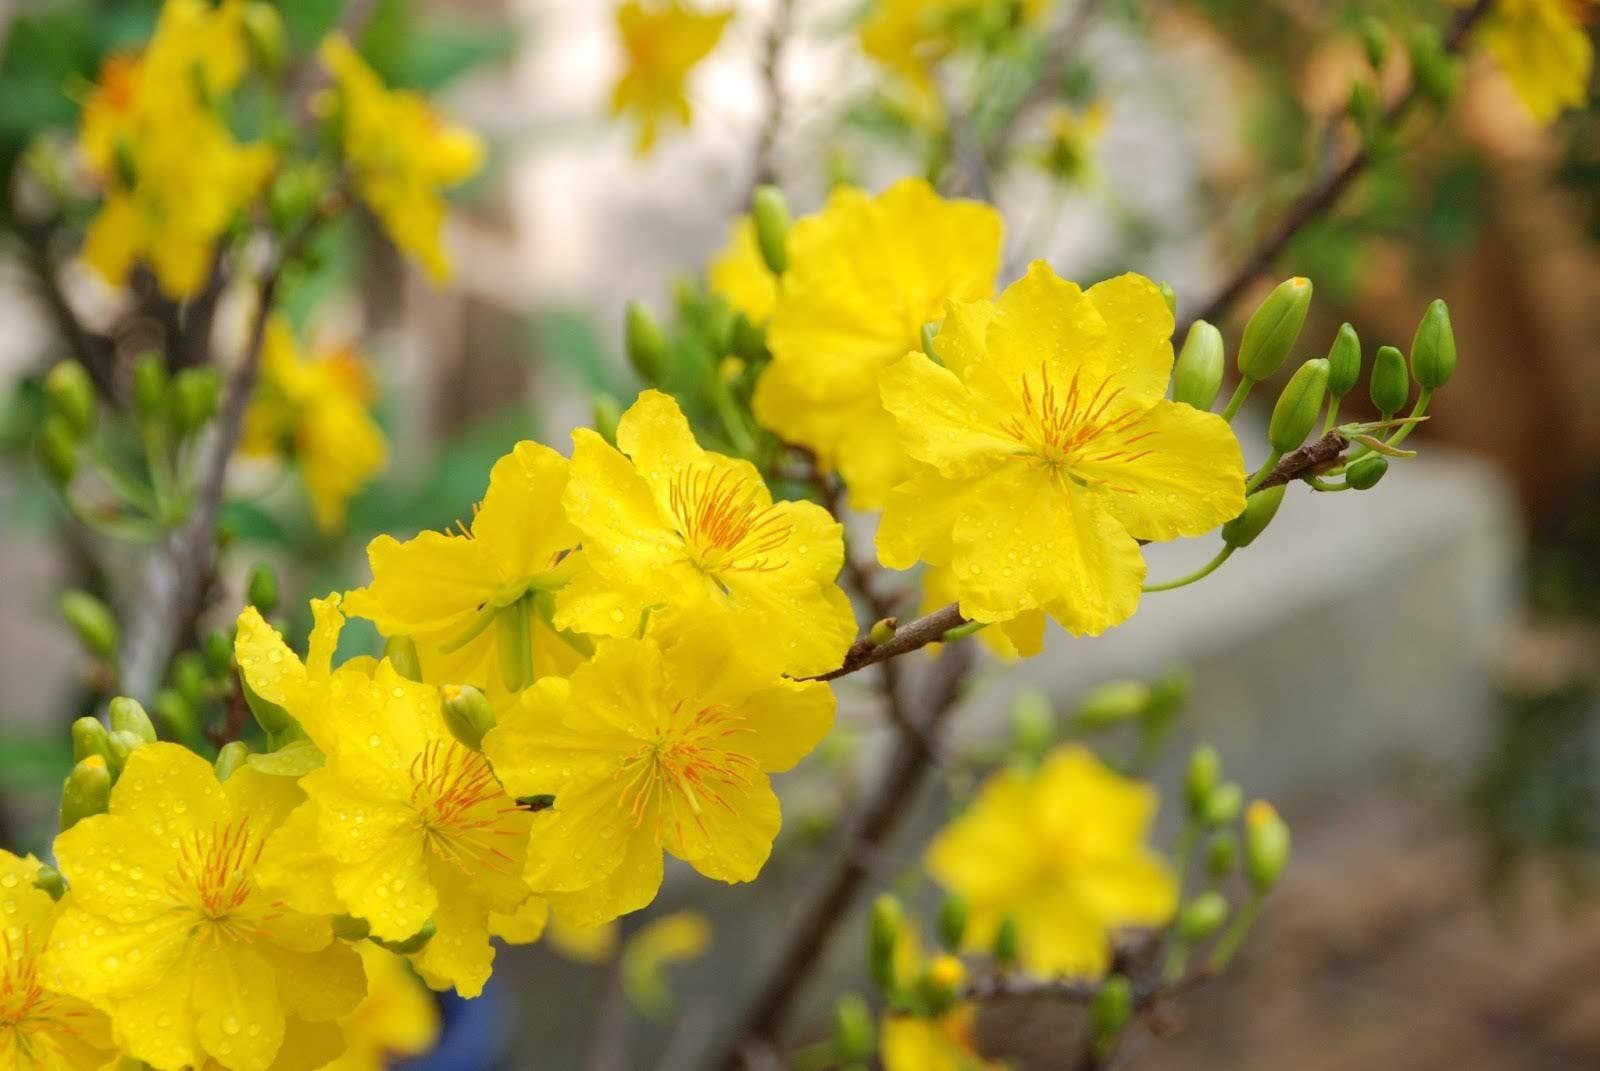 20 loại hoa nên chưng trong ngày Tết để cả năm gặp nhiều may mắn, tài lộc